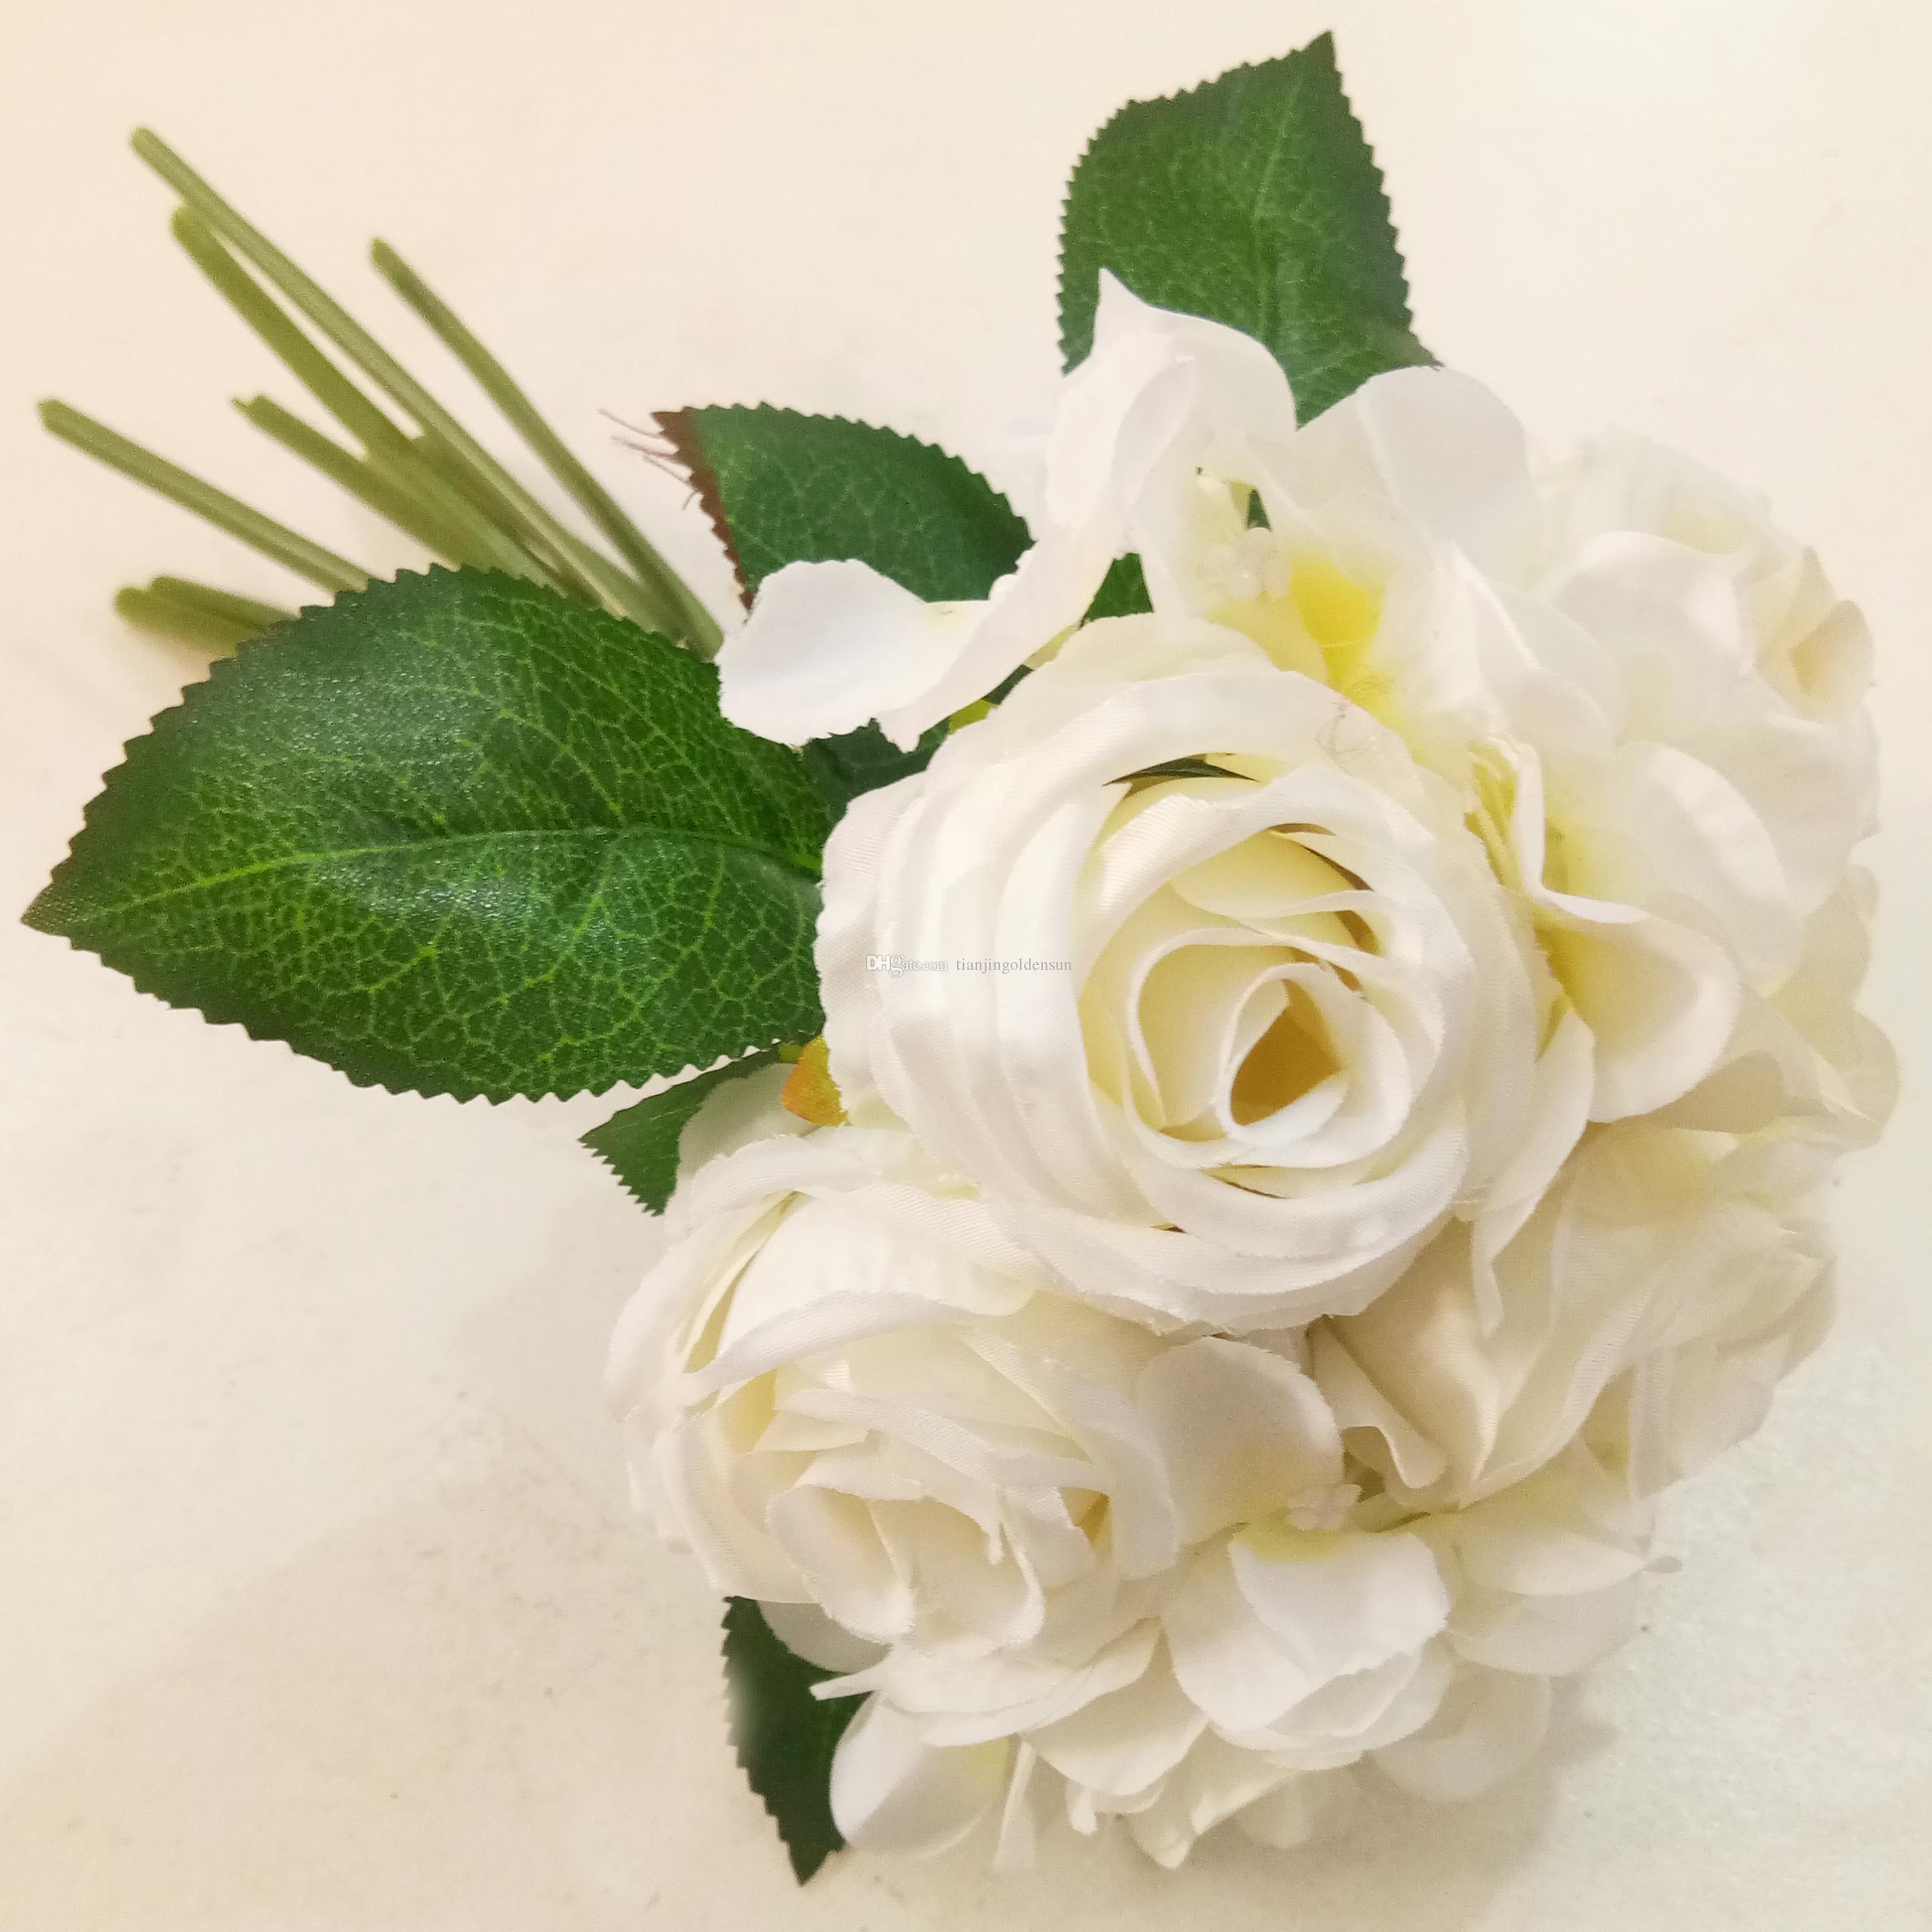 GHY-FL-77 arranjo de casamento de alta qualidade agradável flores artificiais 18 cabeças flor rosa broto para exibição festa ou casamento Decoratio1